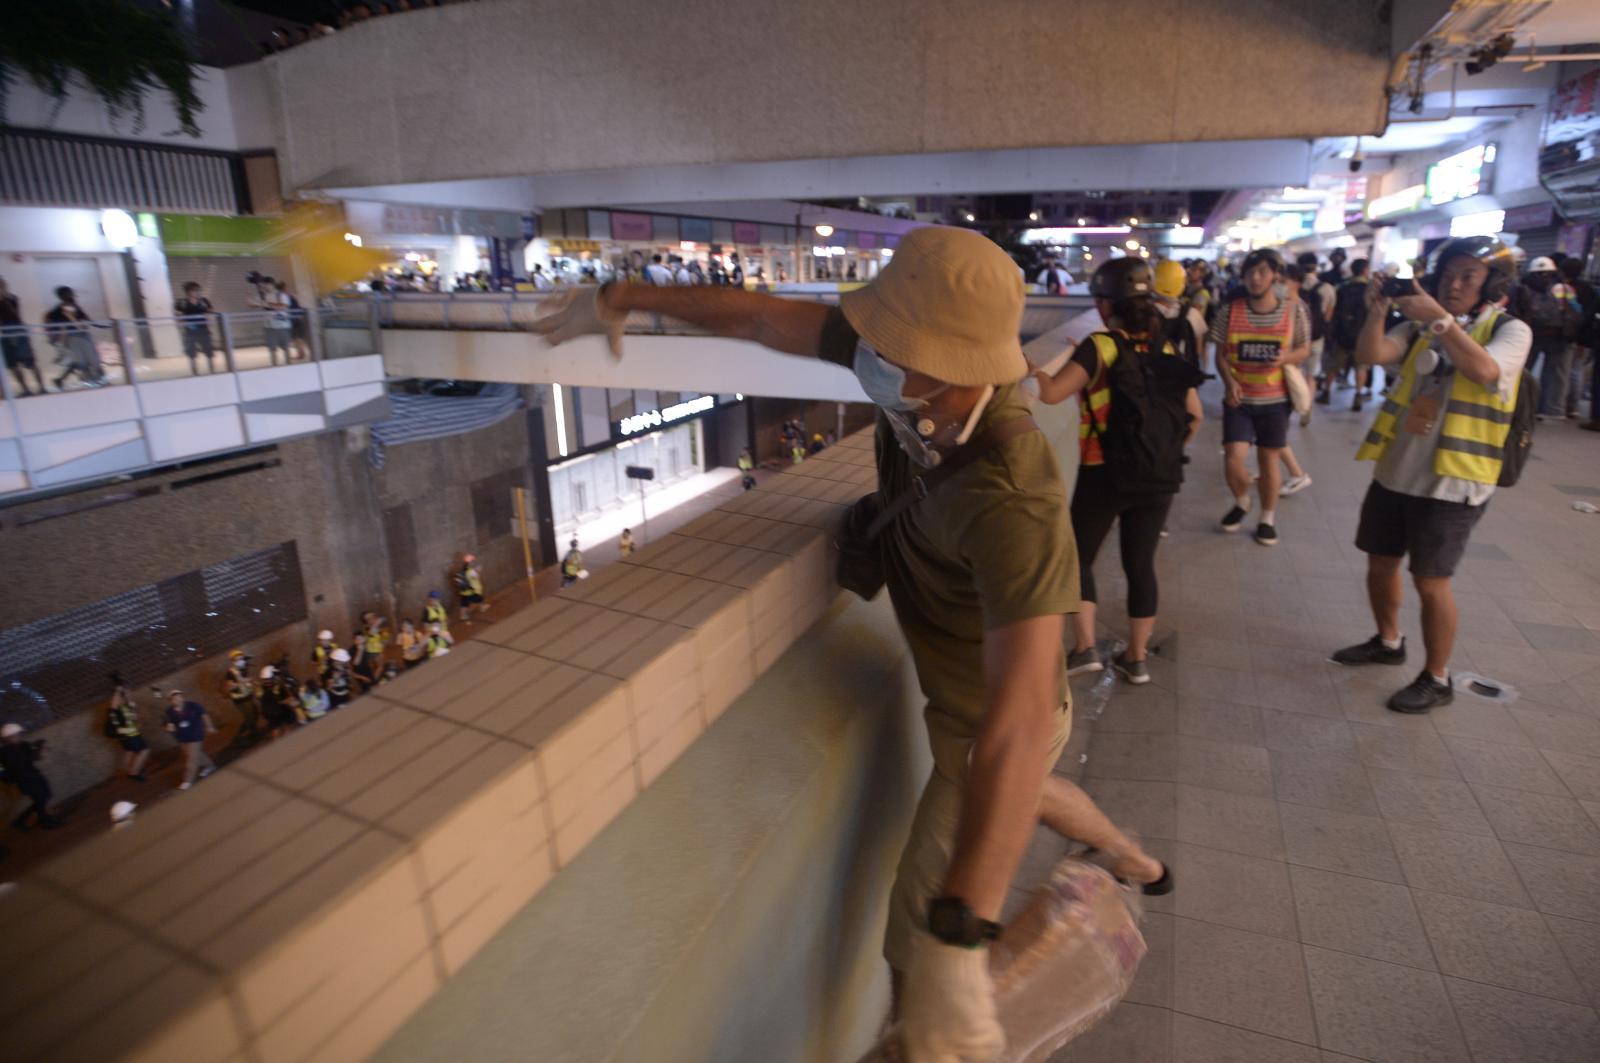 有示威者向地下投擲物品